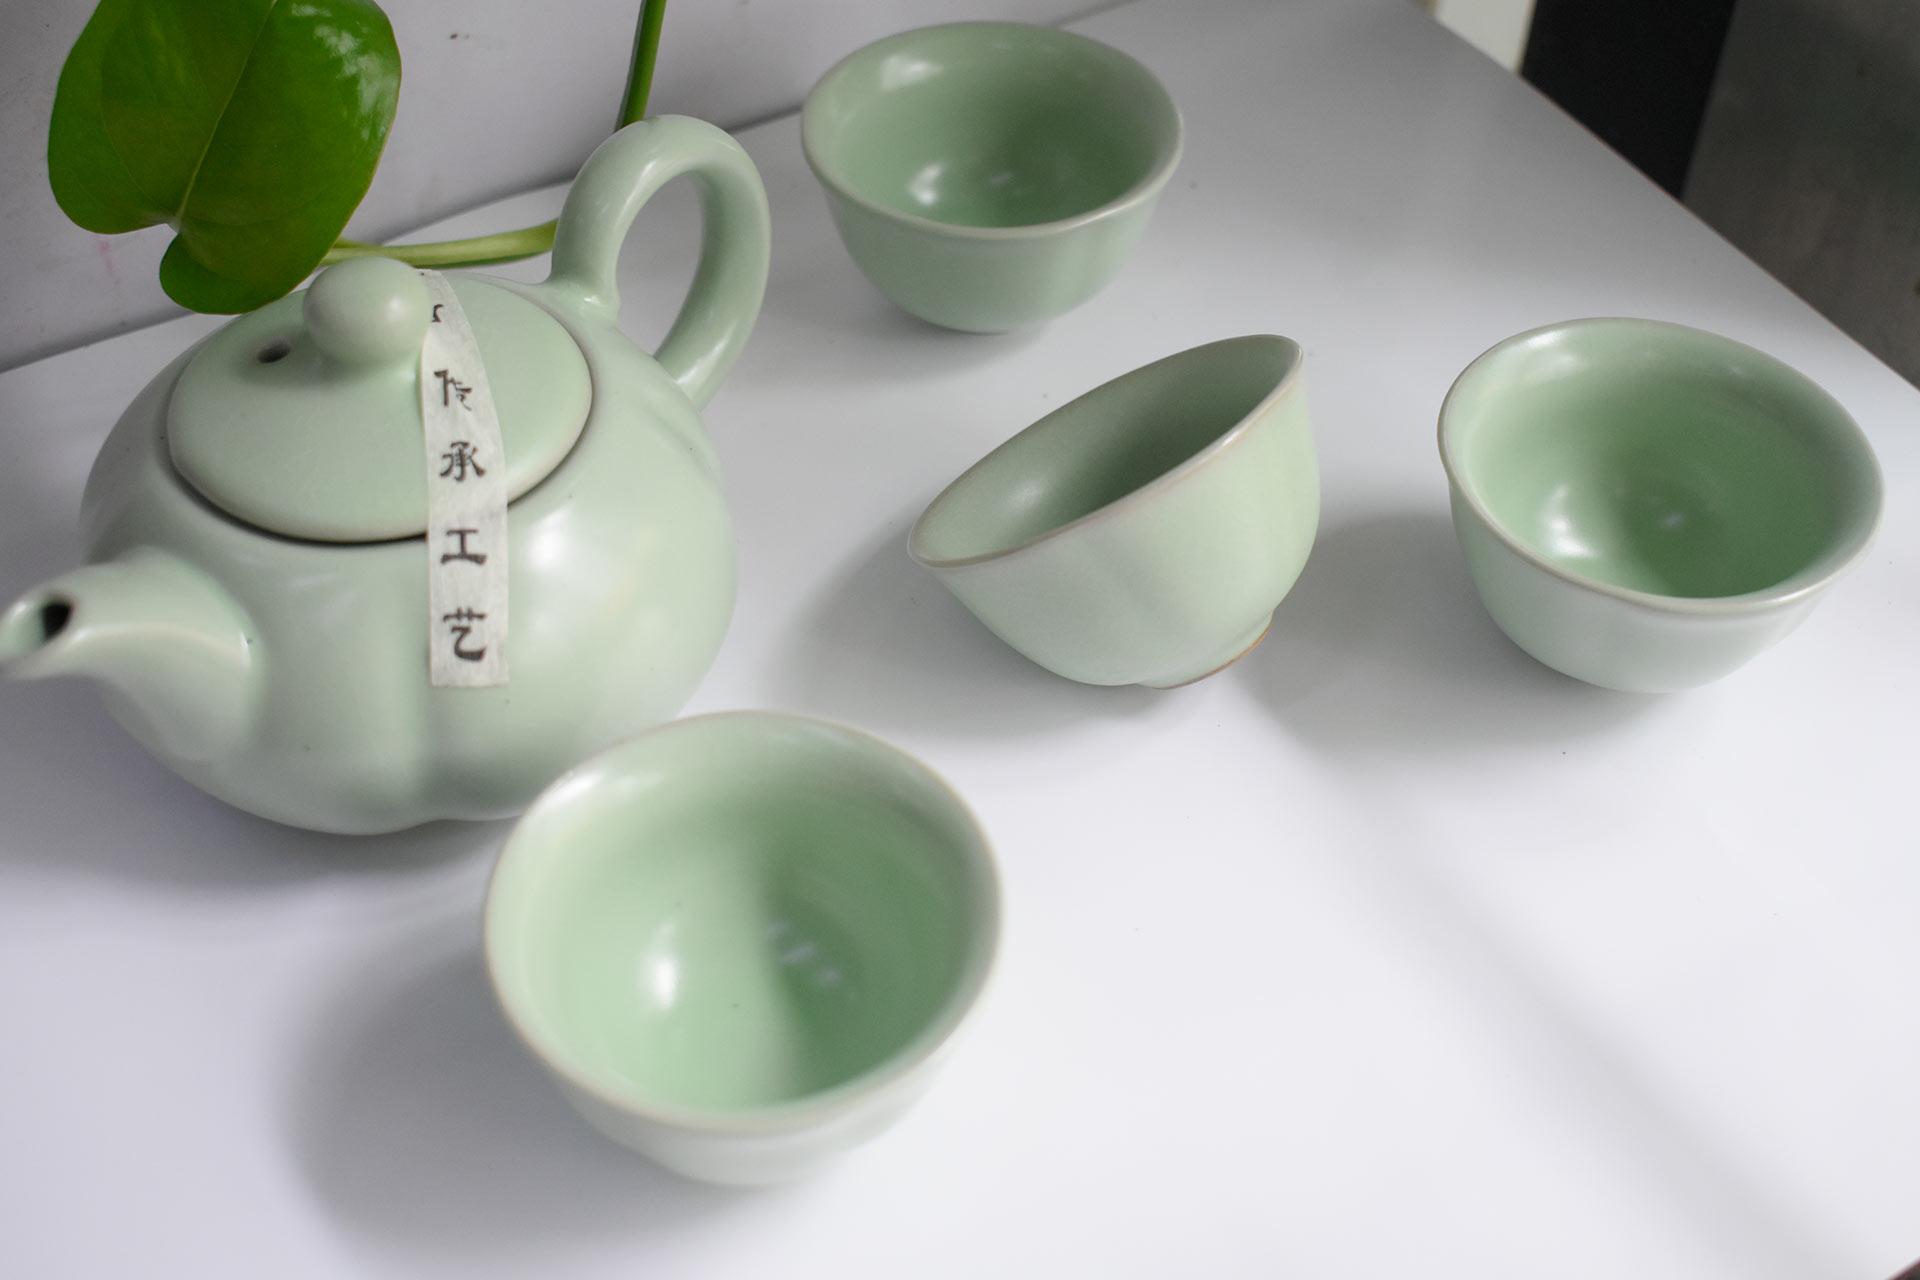 北京朝陽區定制精品茶具